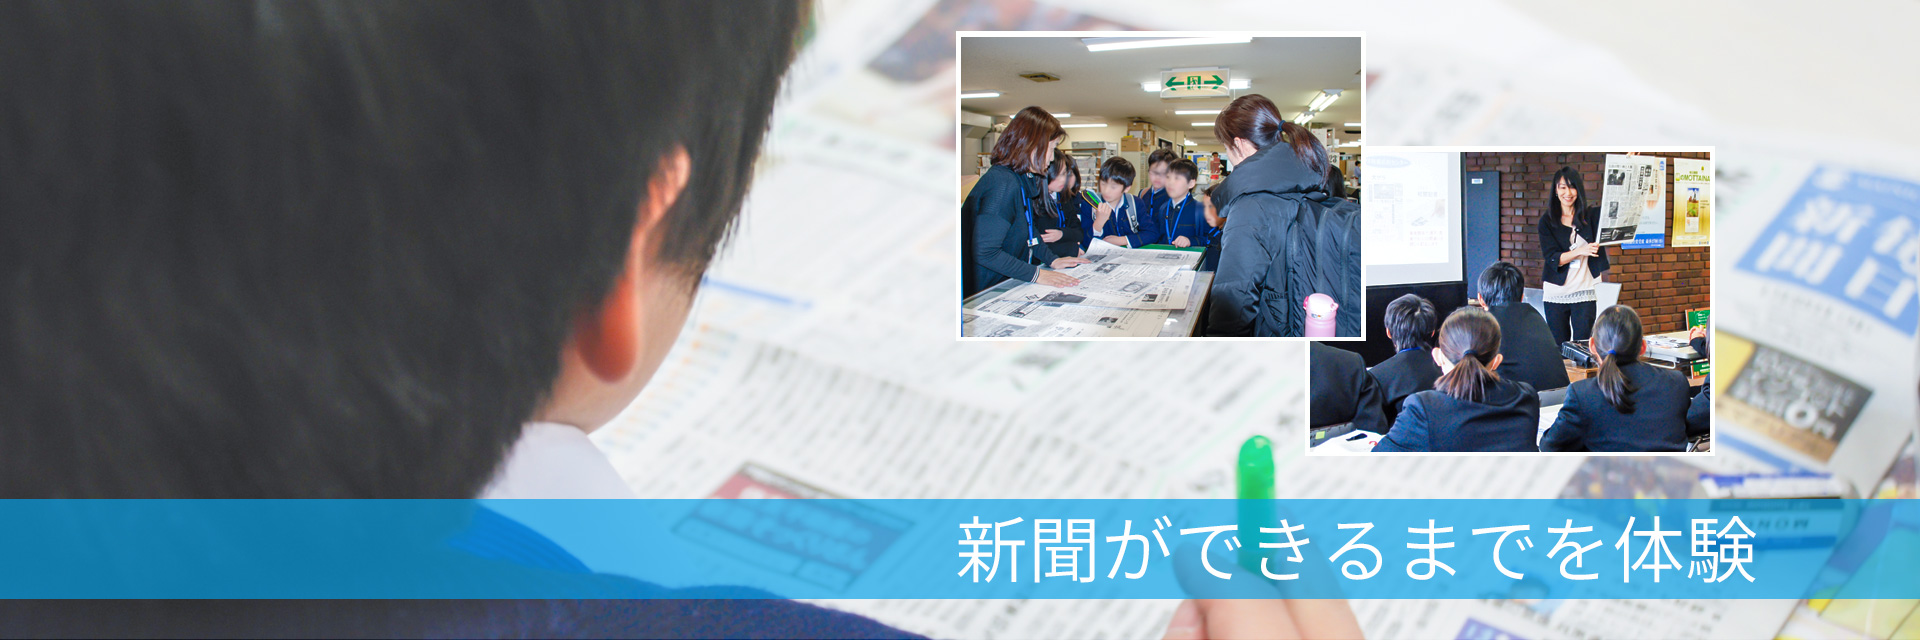 会社見学東京